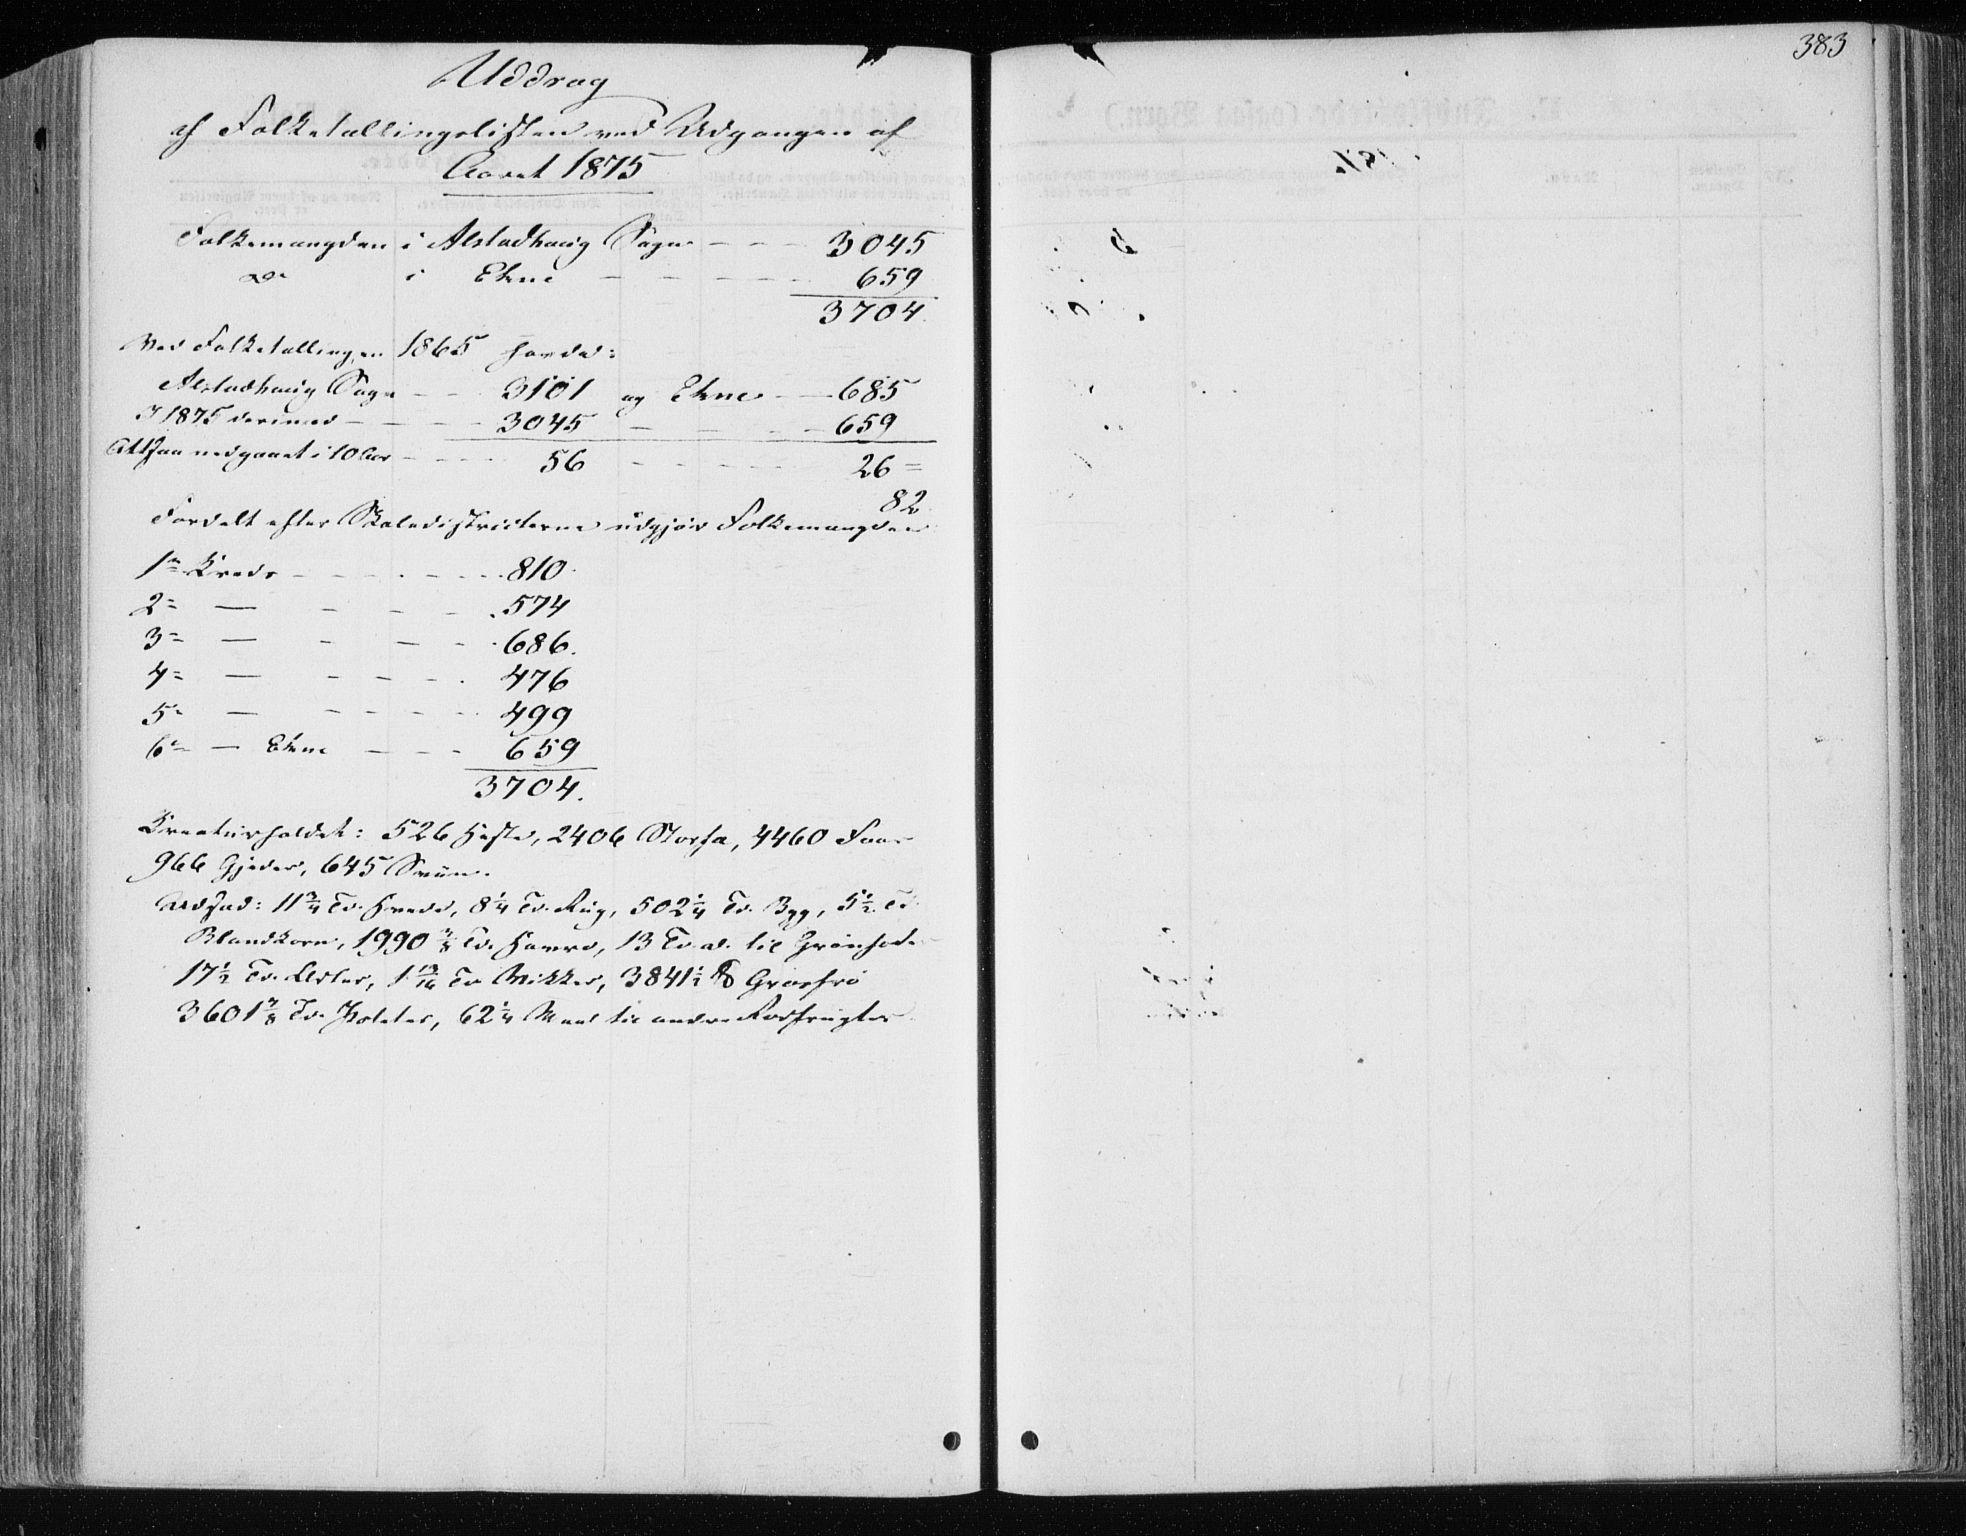 SAT, Ministerialprotokoller, klokkerbøker og fødselsregistre - Nord-Trøndelag, 717/L0157: Ministerialbok nr. 717A08 /1, 1863-1877, s. 383